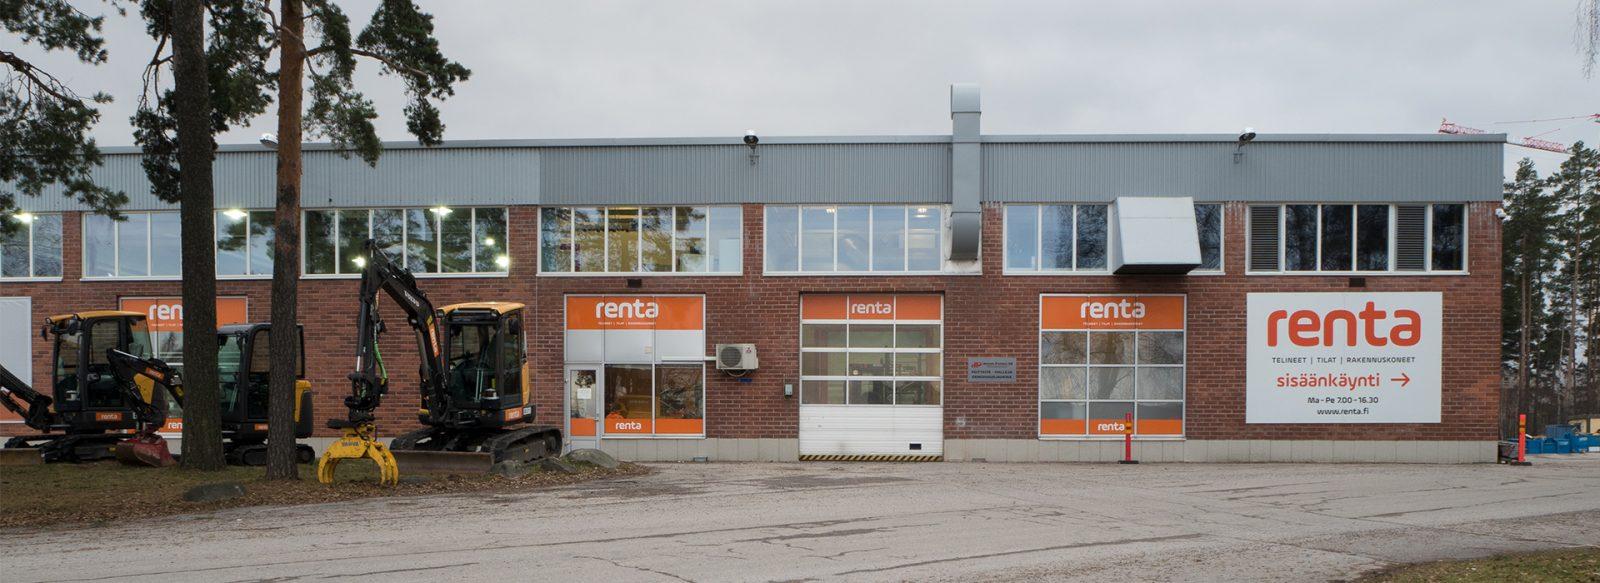 Renta Vantaa